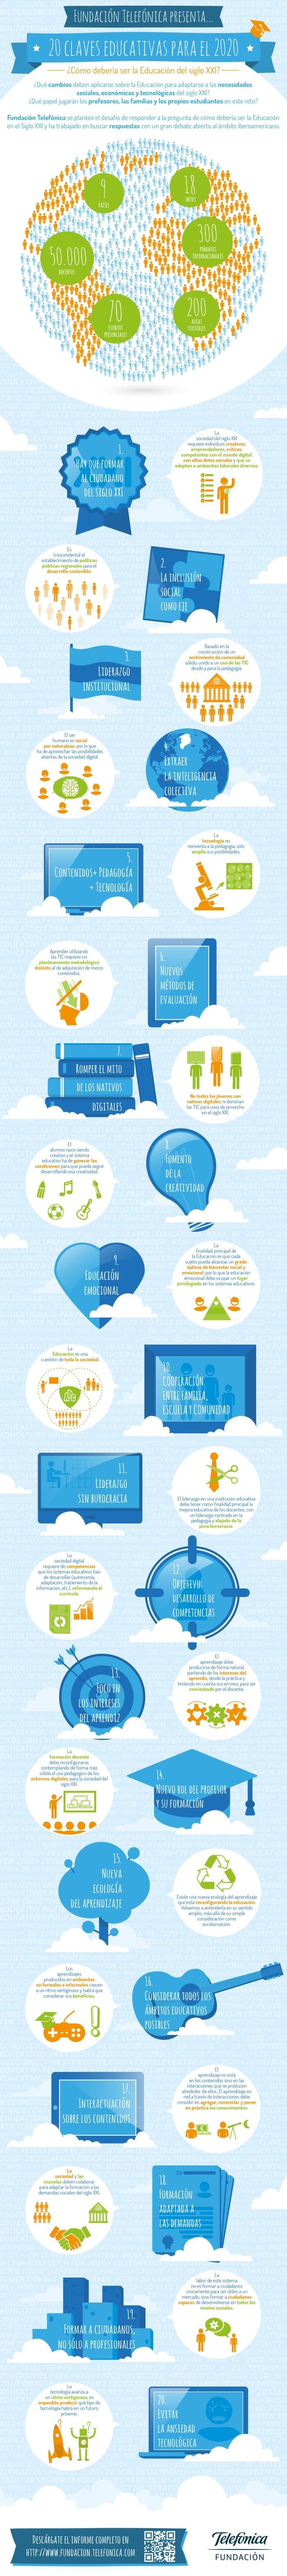 infografia_20_claves_educativas_para_2020_esp-infg